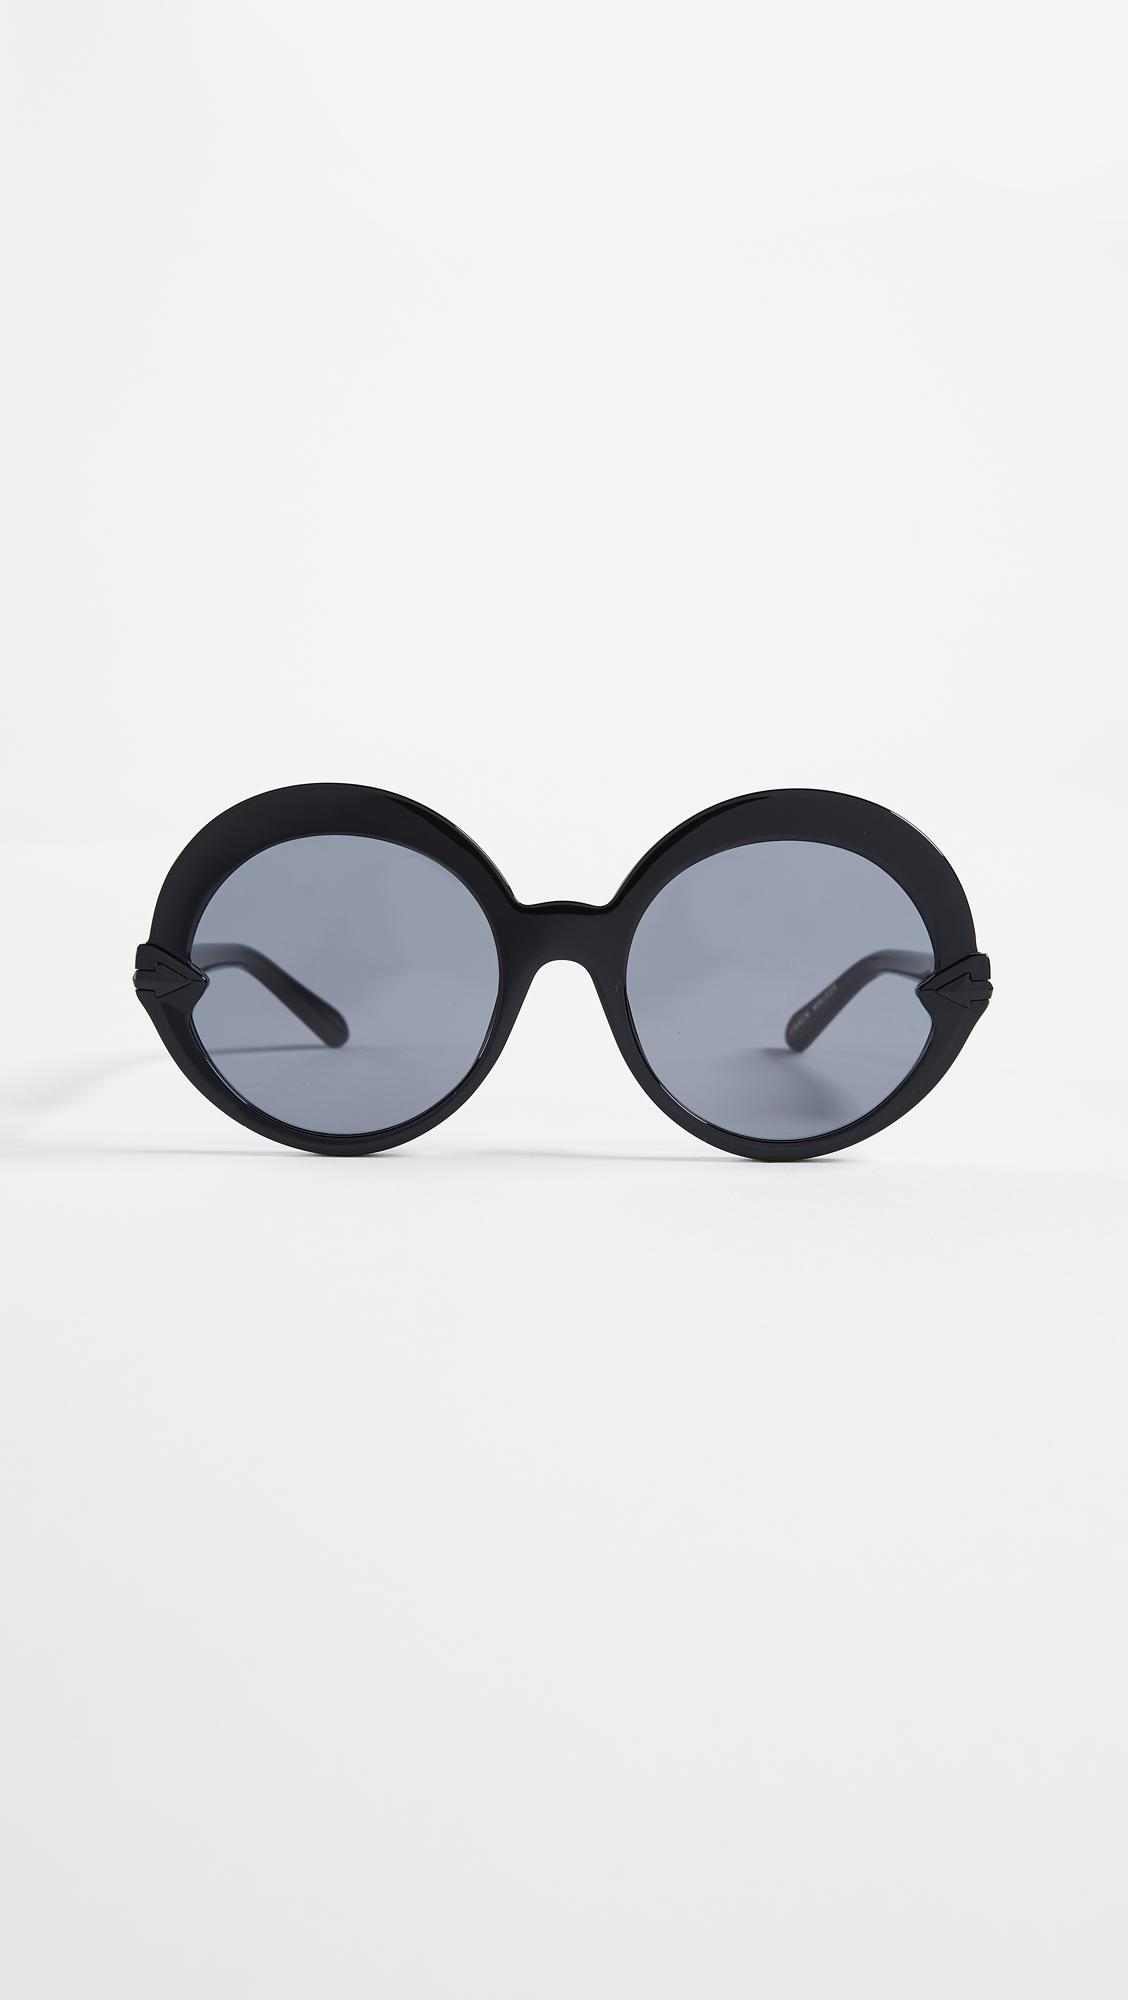 a57cb572ed Karen Walker Romancer Sunglasses in Black - Lyst